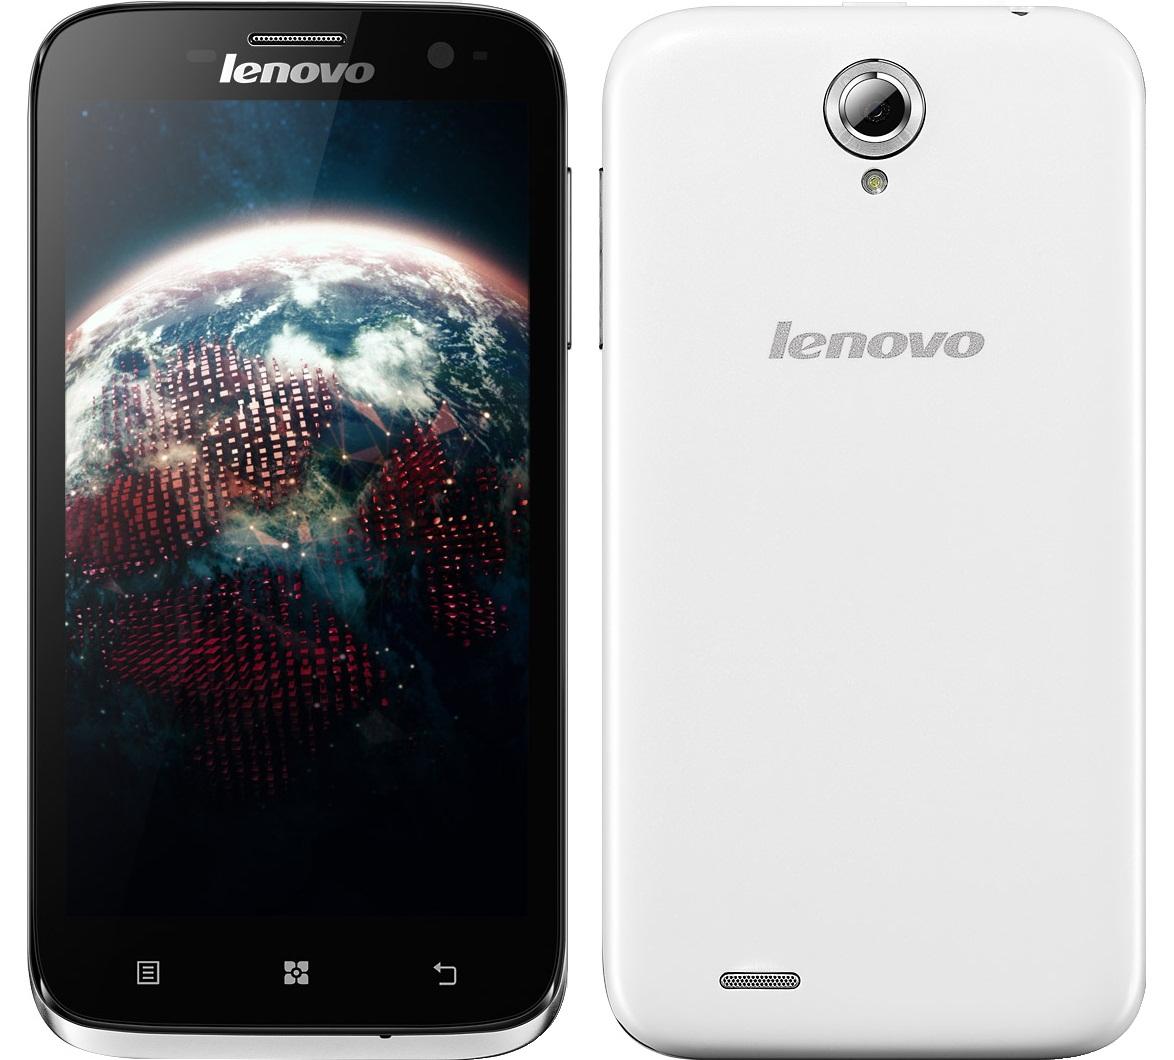 Harga Handphone Lenovo Terbaru Januari 2014 Telunjuk Com Harga